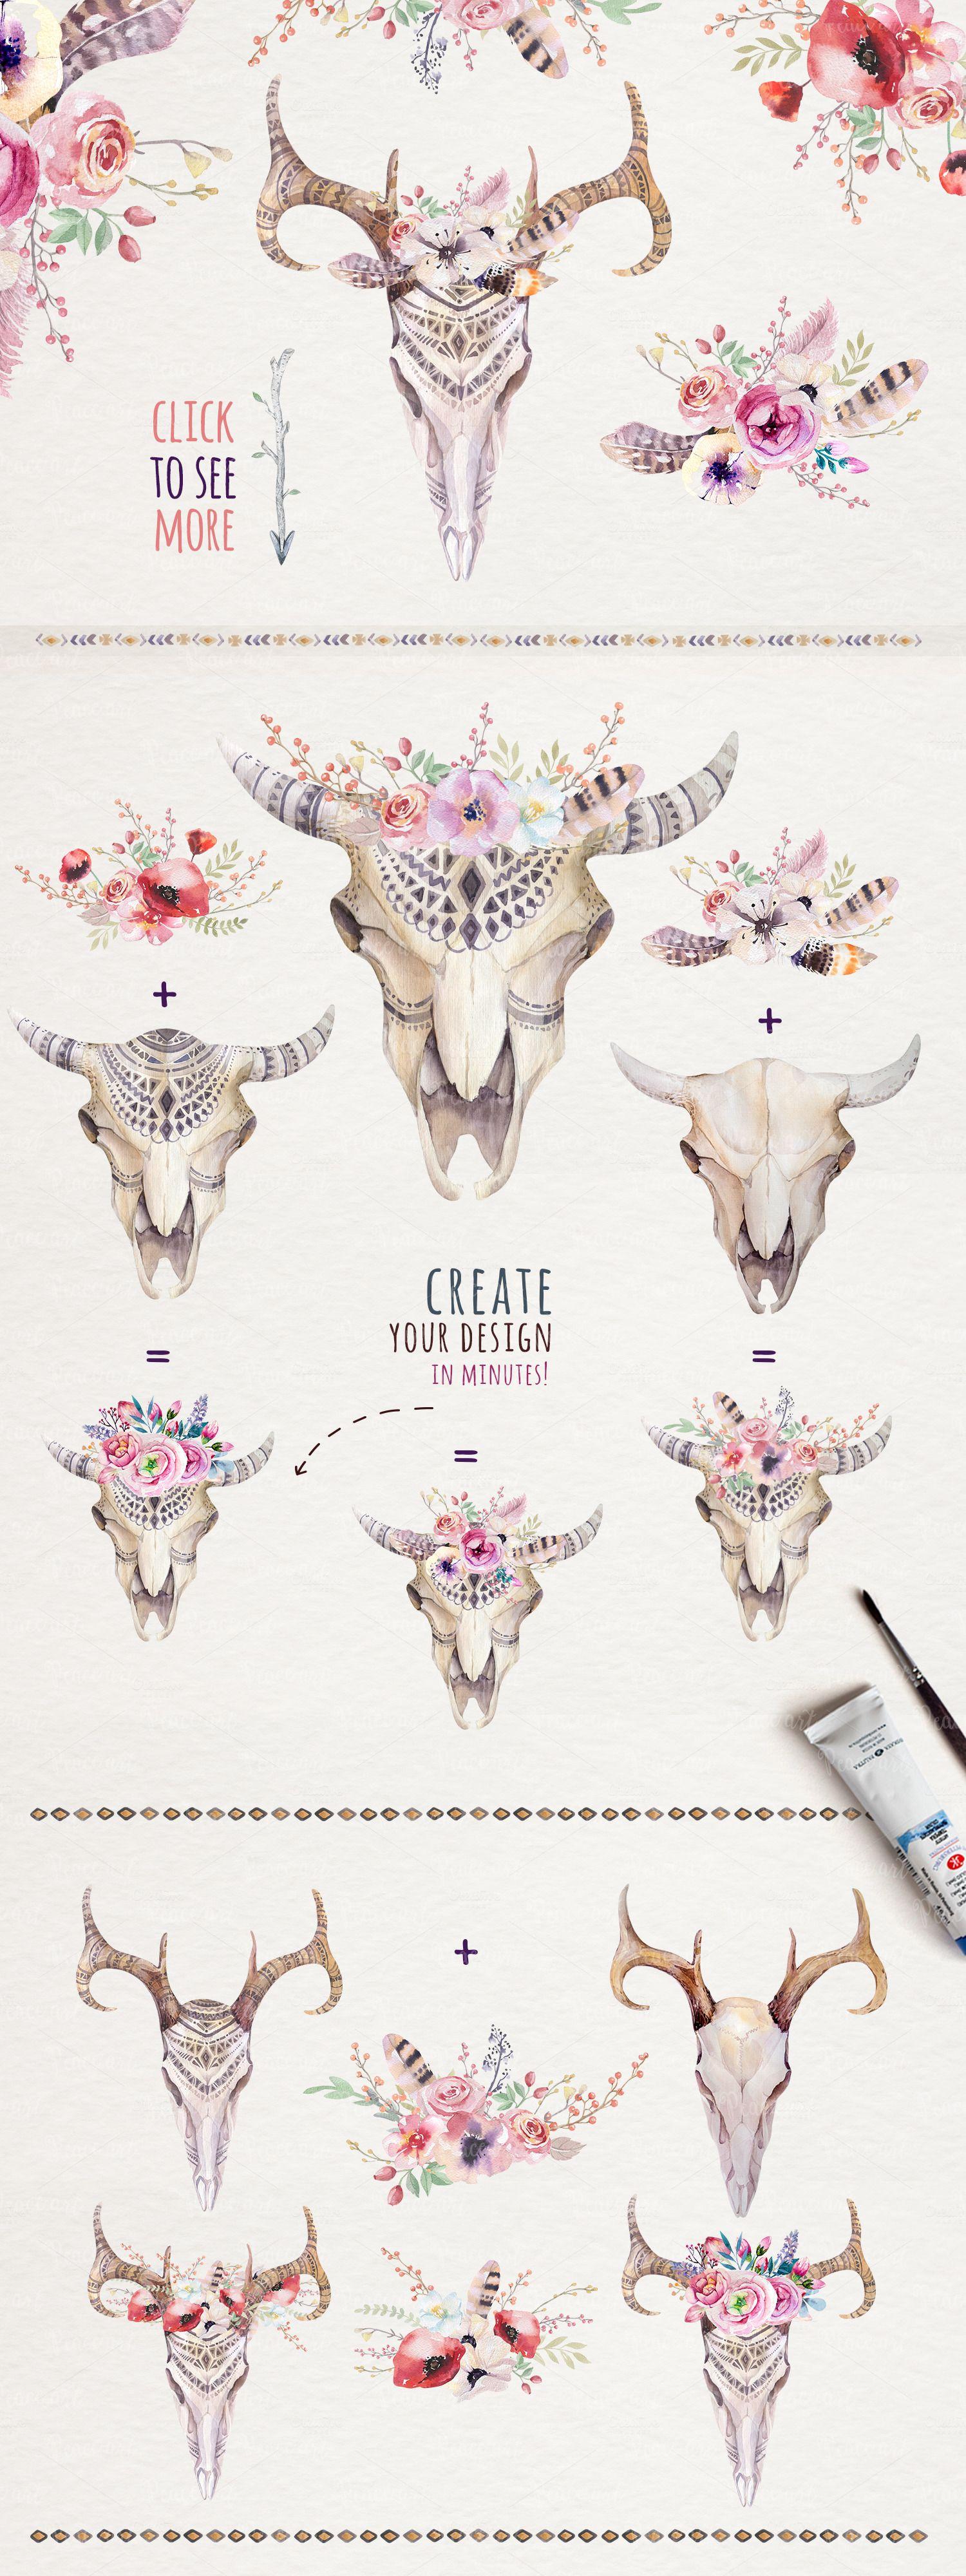 Impressionnant dessin a imprimer mandala d 39 animaux - Madala a imprimer ...